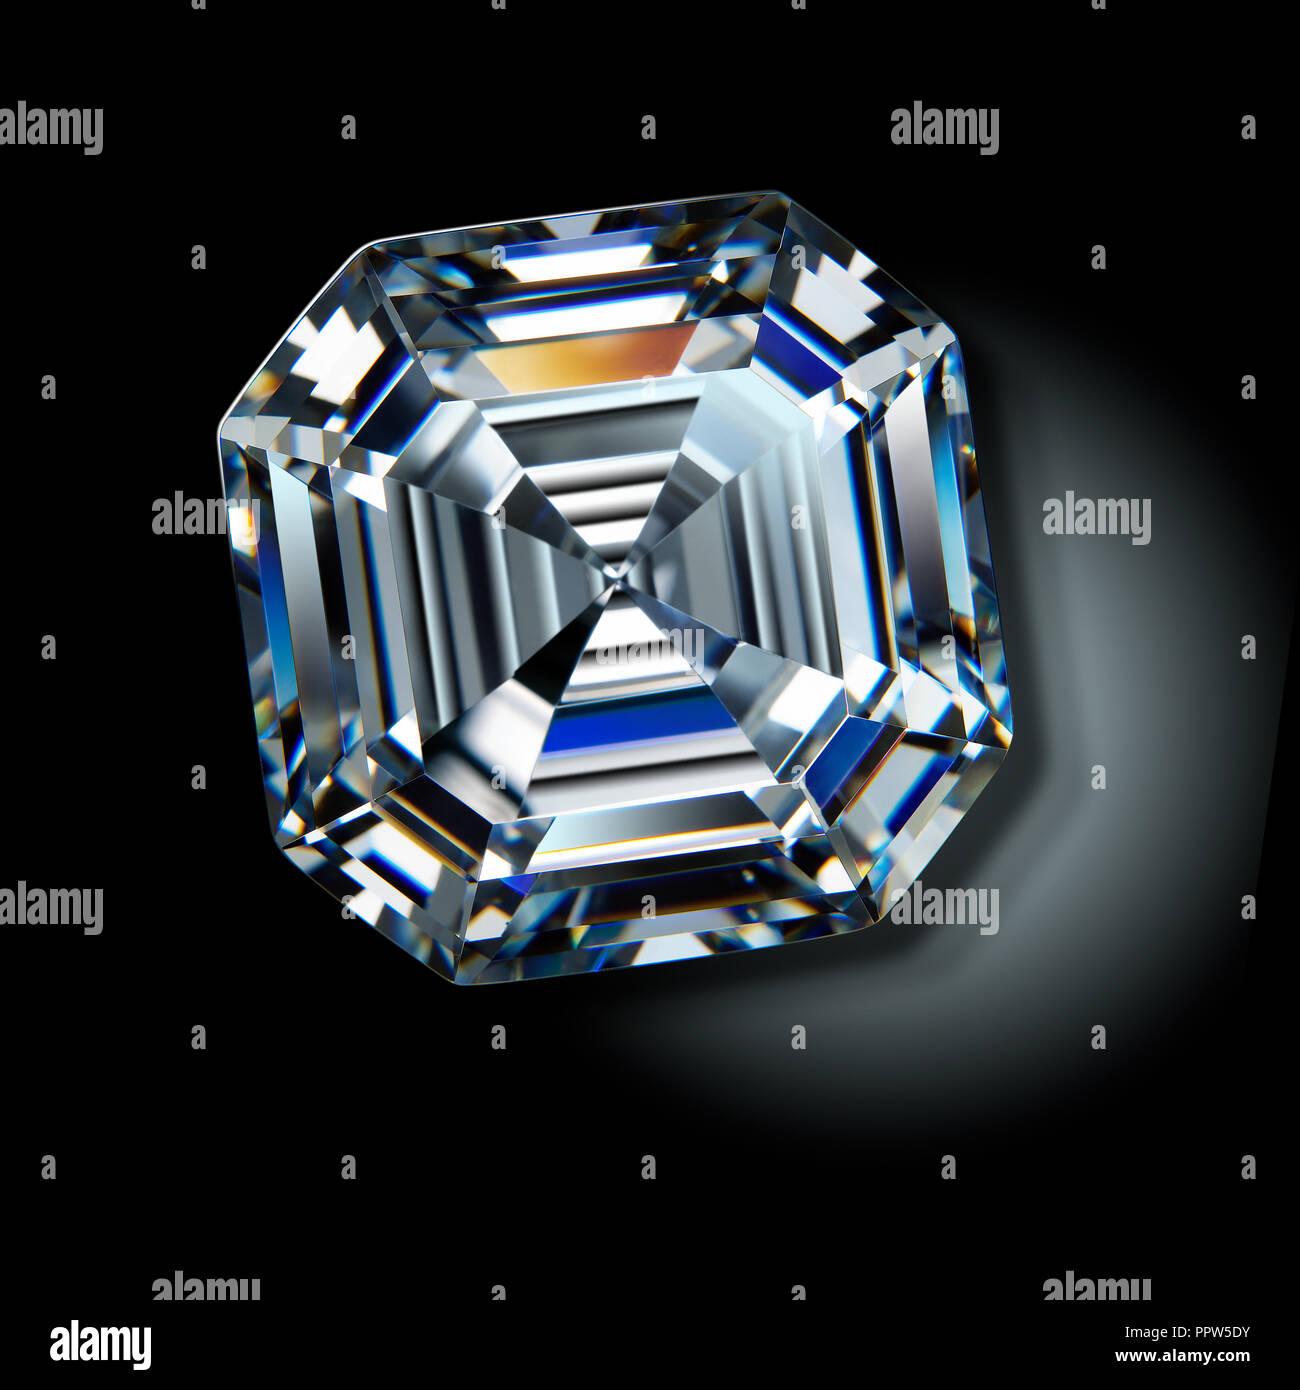 Asscher Cut Diamond Gemstone Gem Stock Photo